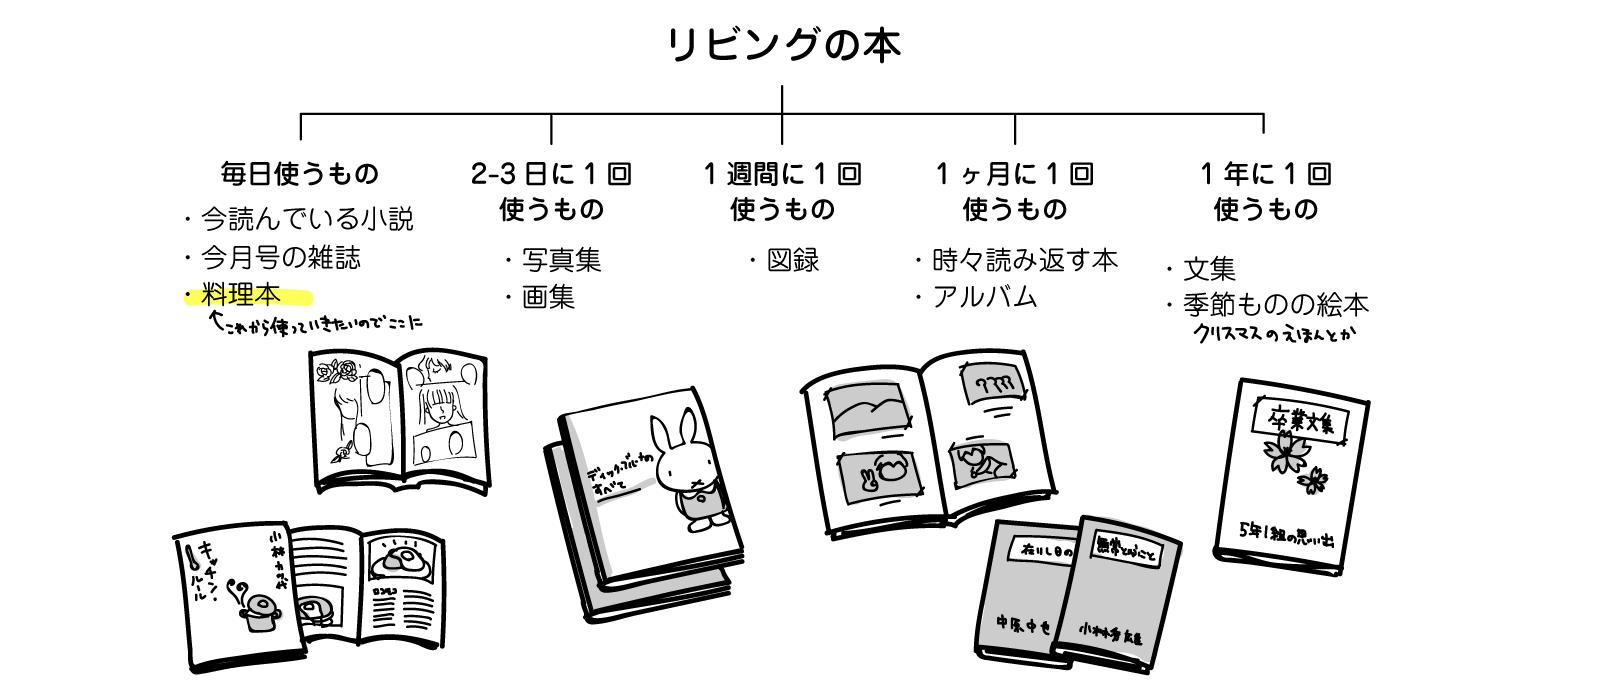 コラム 片付けとUIデザイン イラスト